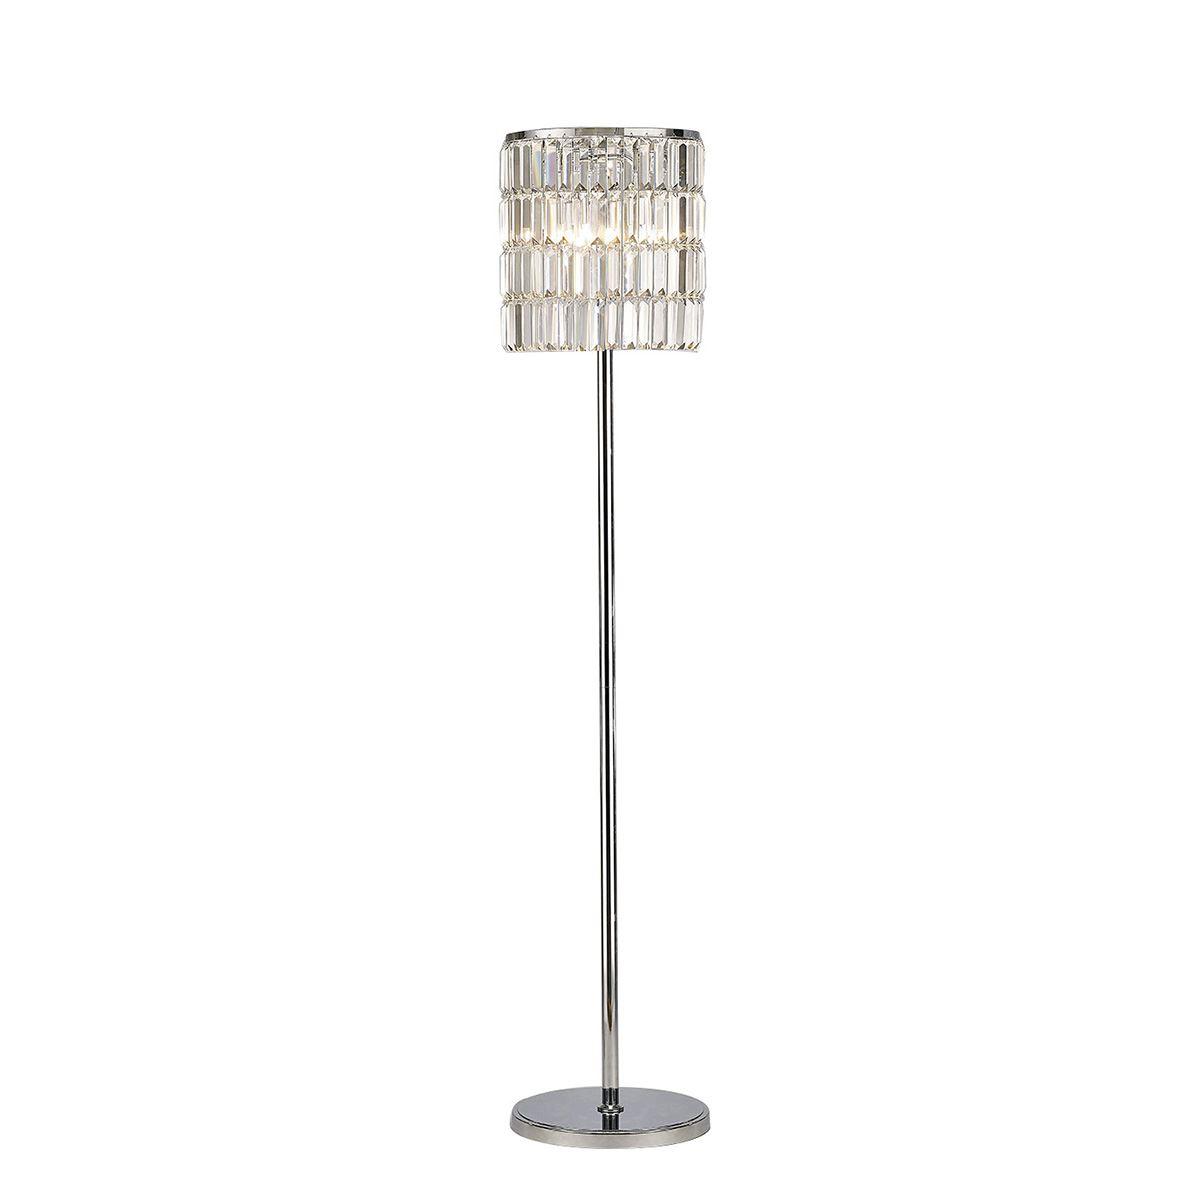 Diyas IL30179 Torre Crystal Curtain Floor Lamp 5 Light Polished Chrome